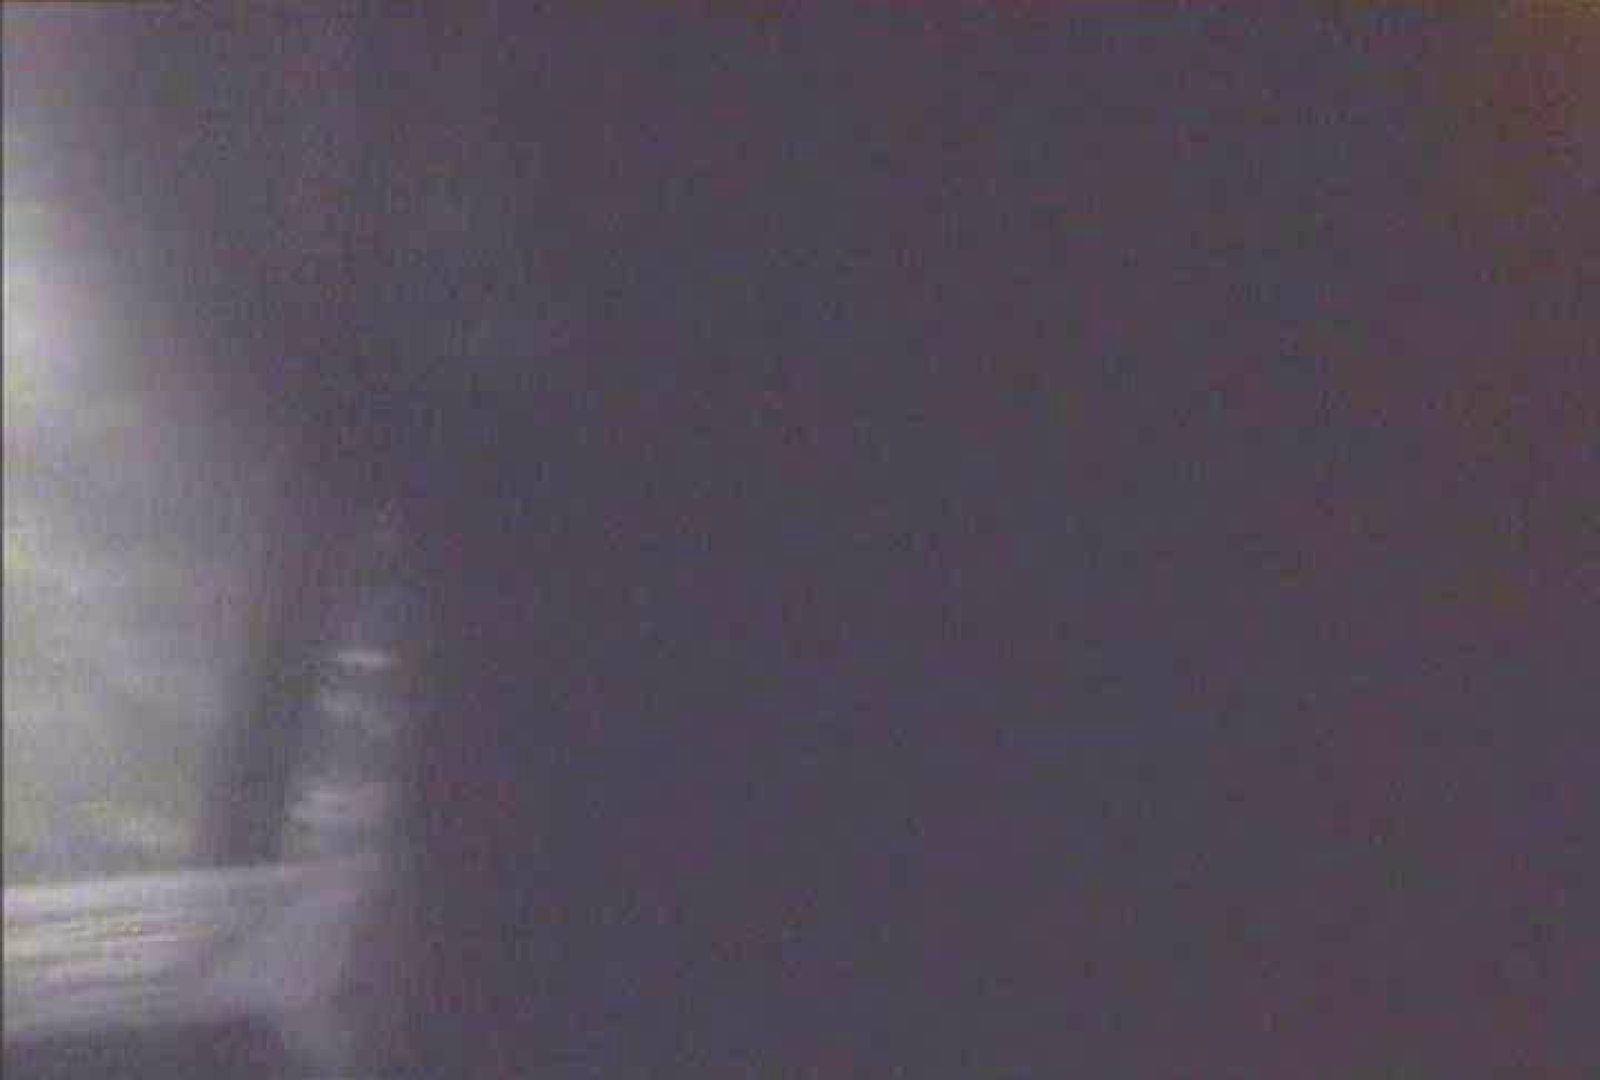 素人投稿シリーズ 盗撮 覗きの穴場 大浴場編  Vol.2 0  112pic 78